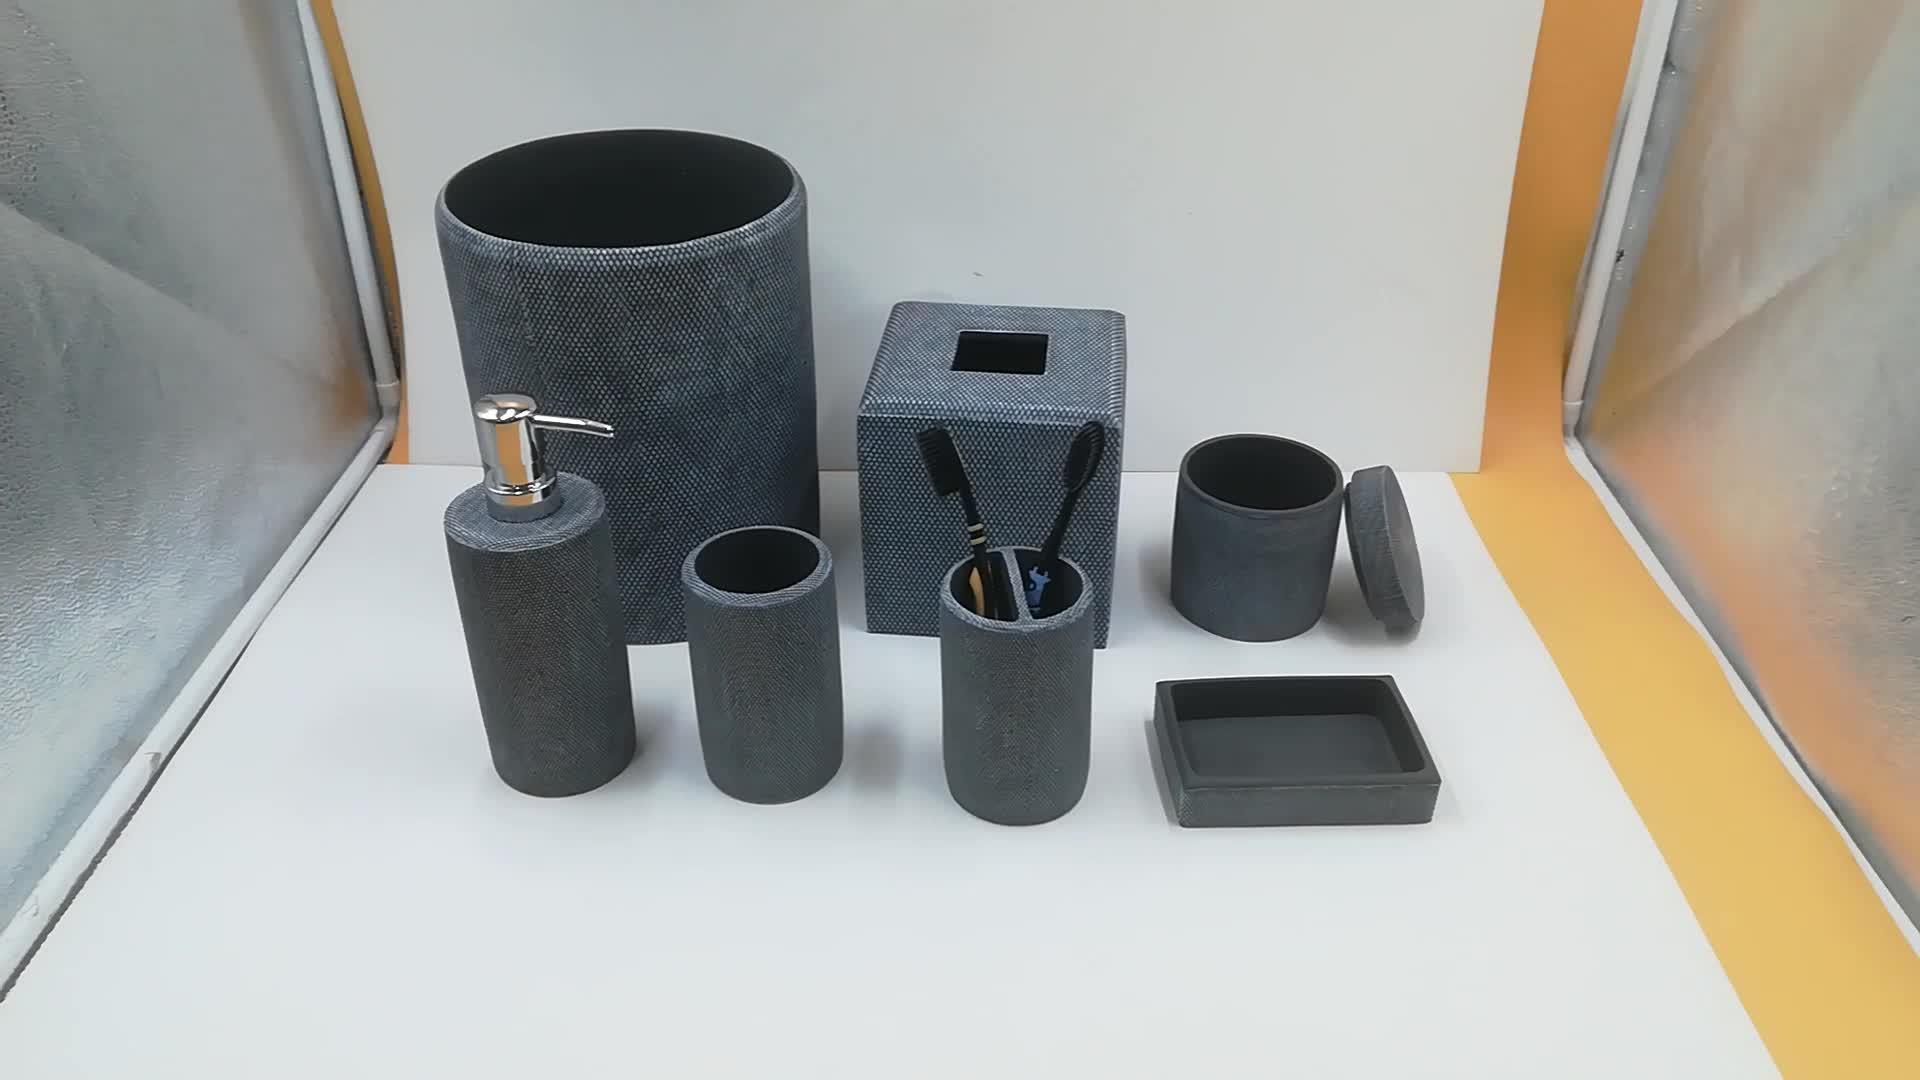 7 шт. набор серый Экологичный Смола аксессуары для ванной комнаты Набор для мусора тканевая коробка Смола ванная комната набор